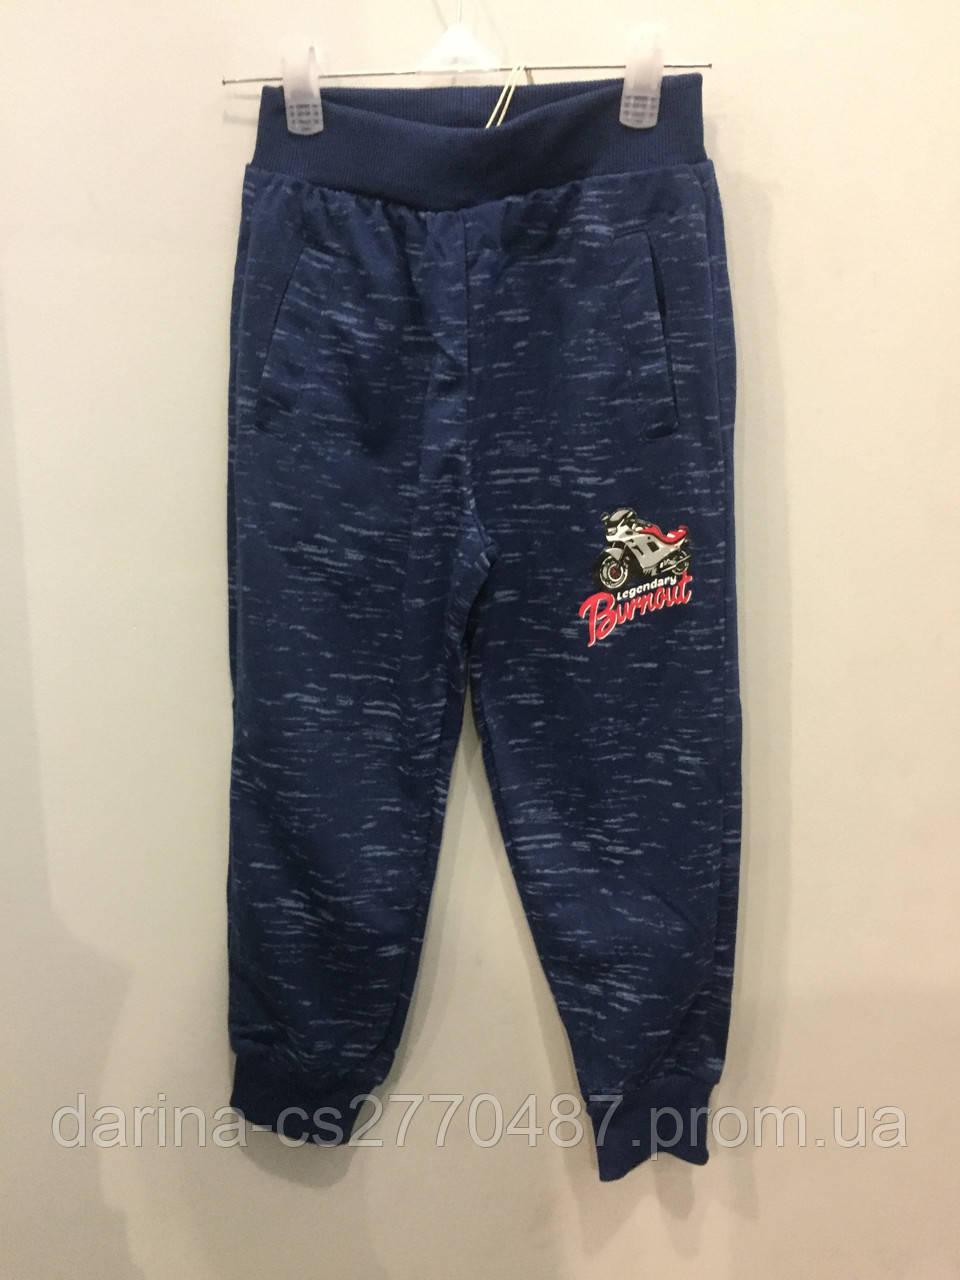 Детские спортивные штаны из трикотажа для мальчика